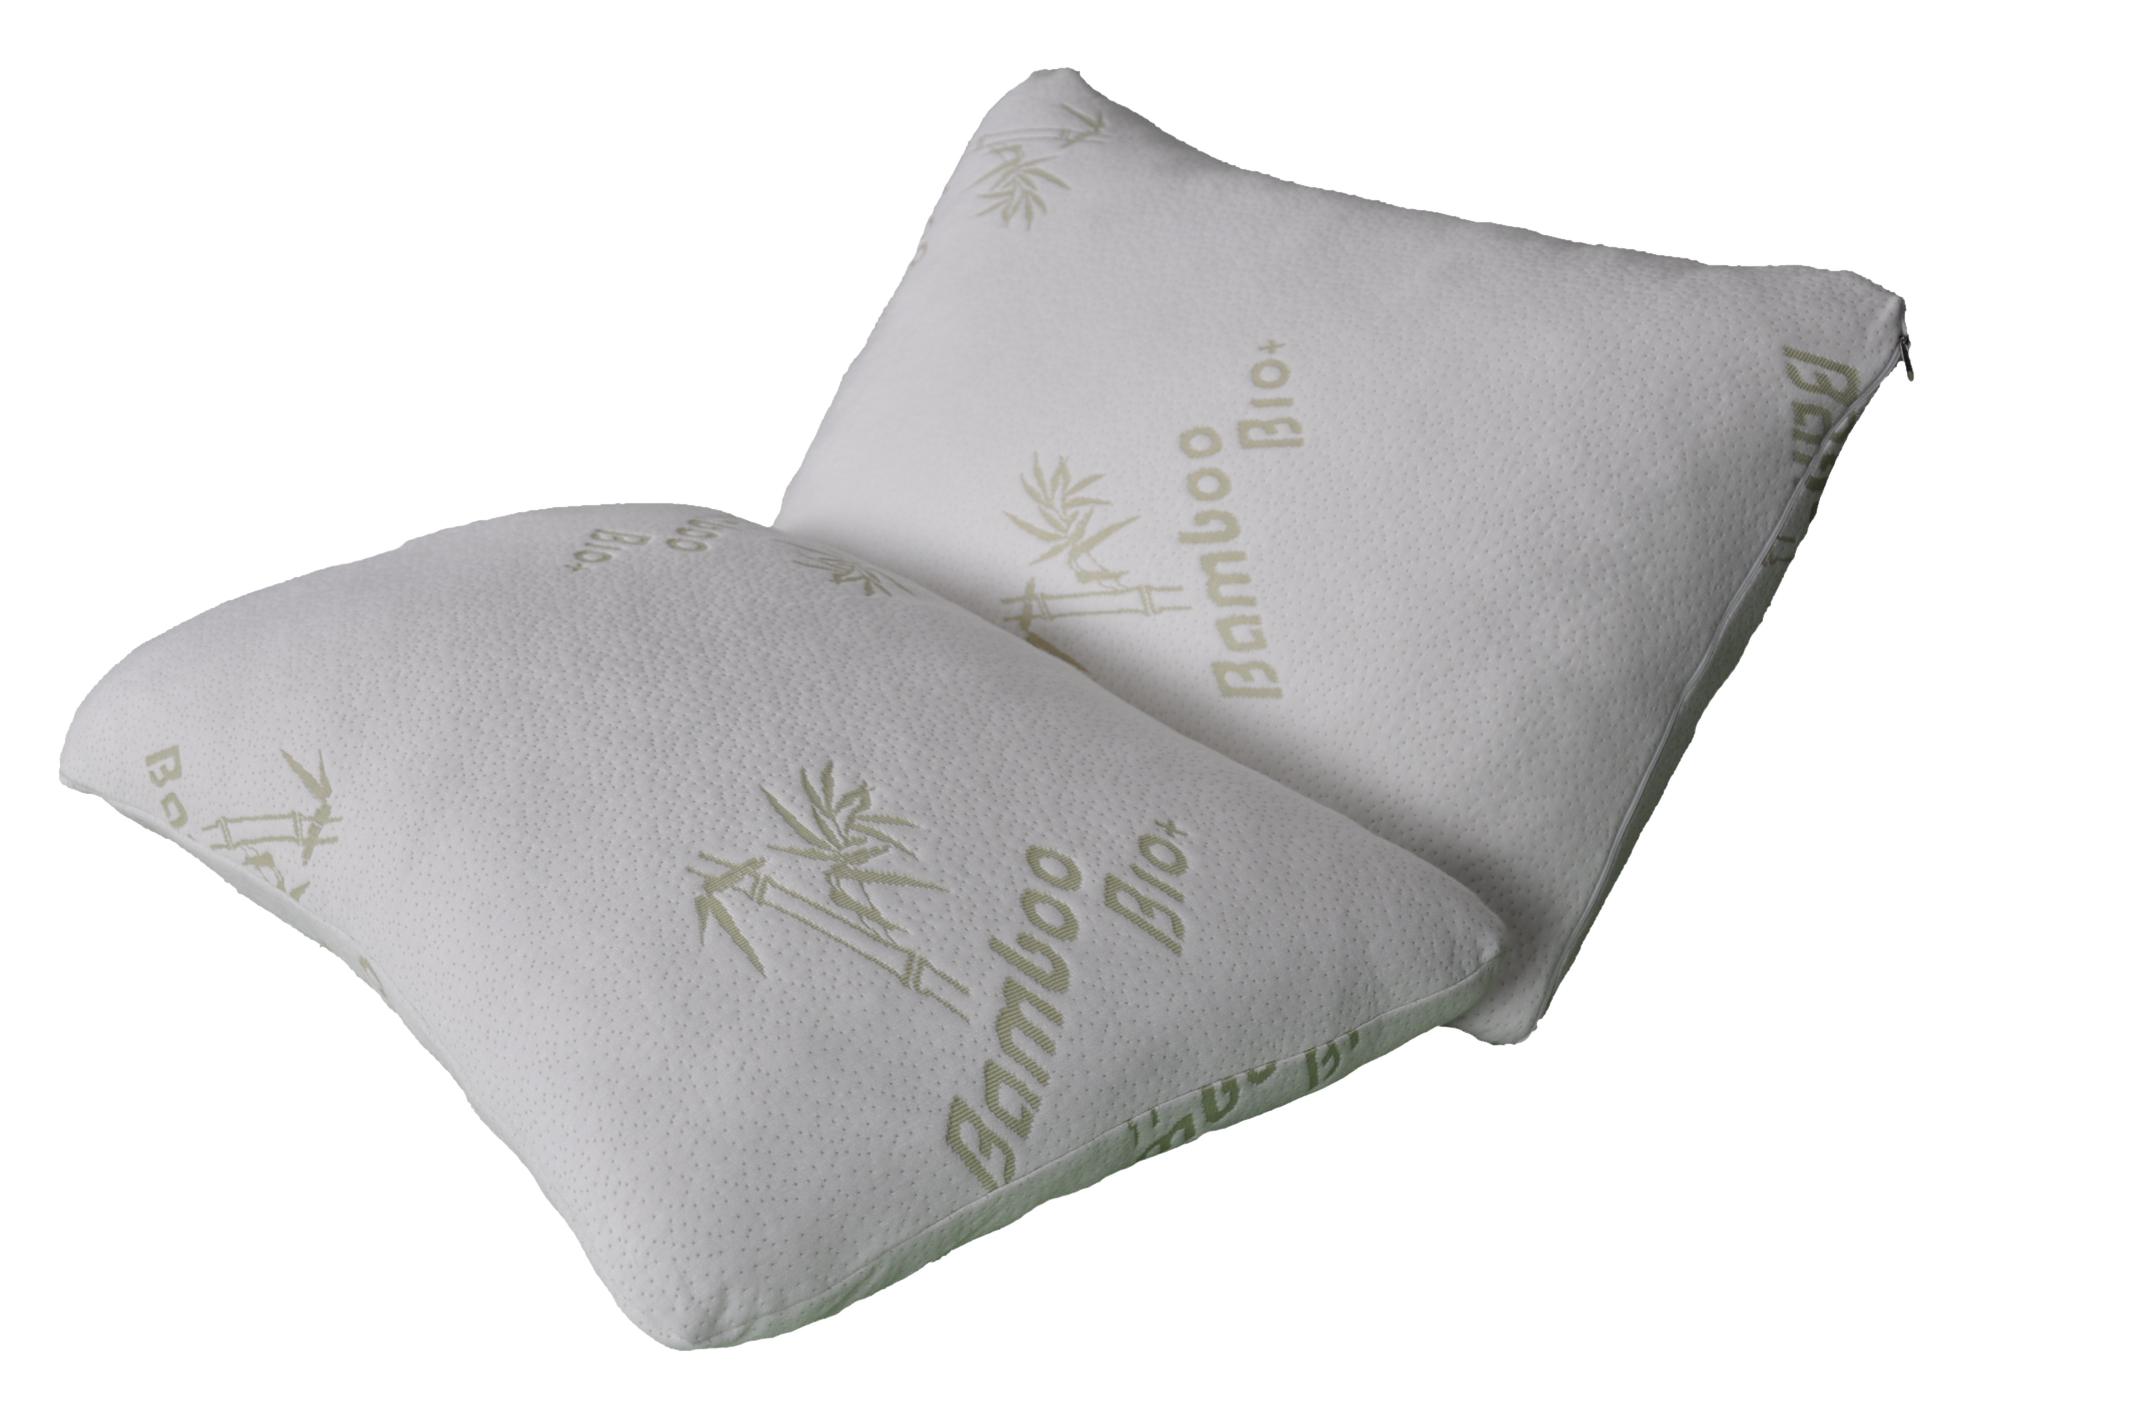 Royalty-Comfort-SLT-PLM-070-Oreillers-de-luxe-en-bambou--24